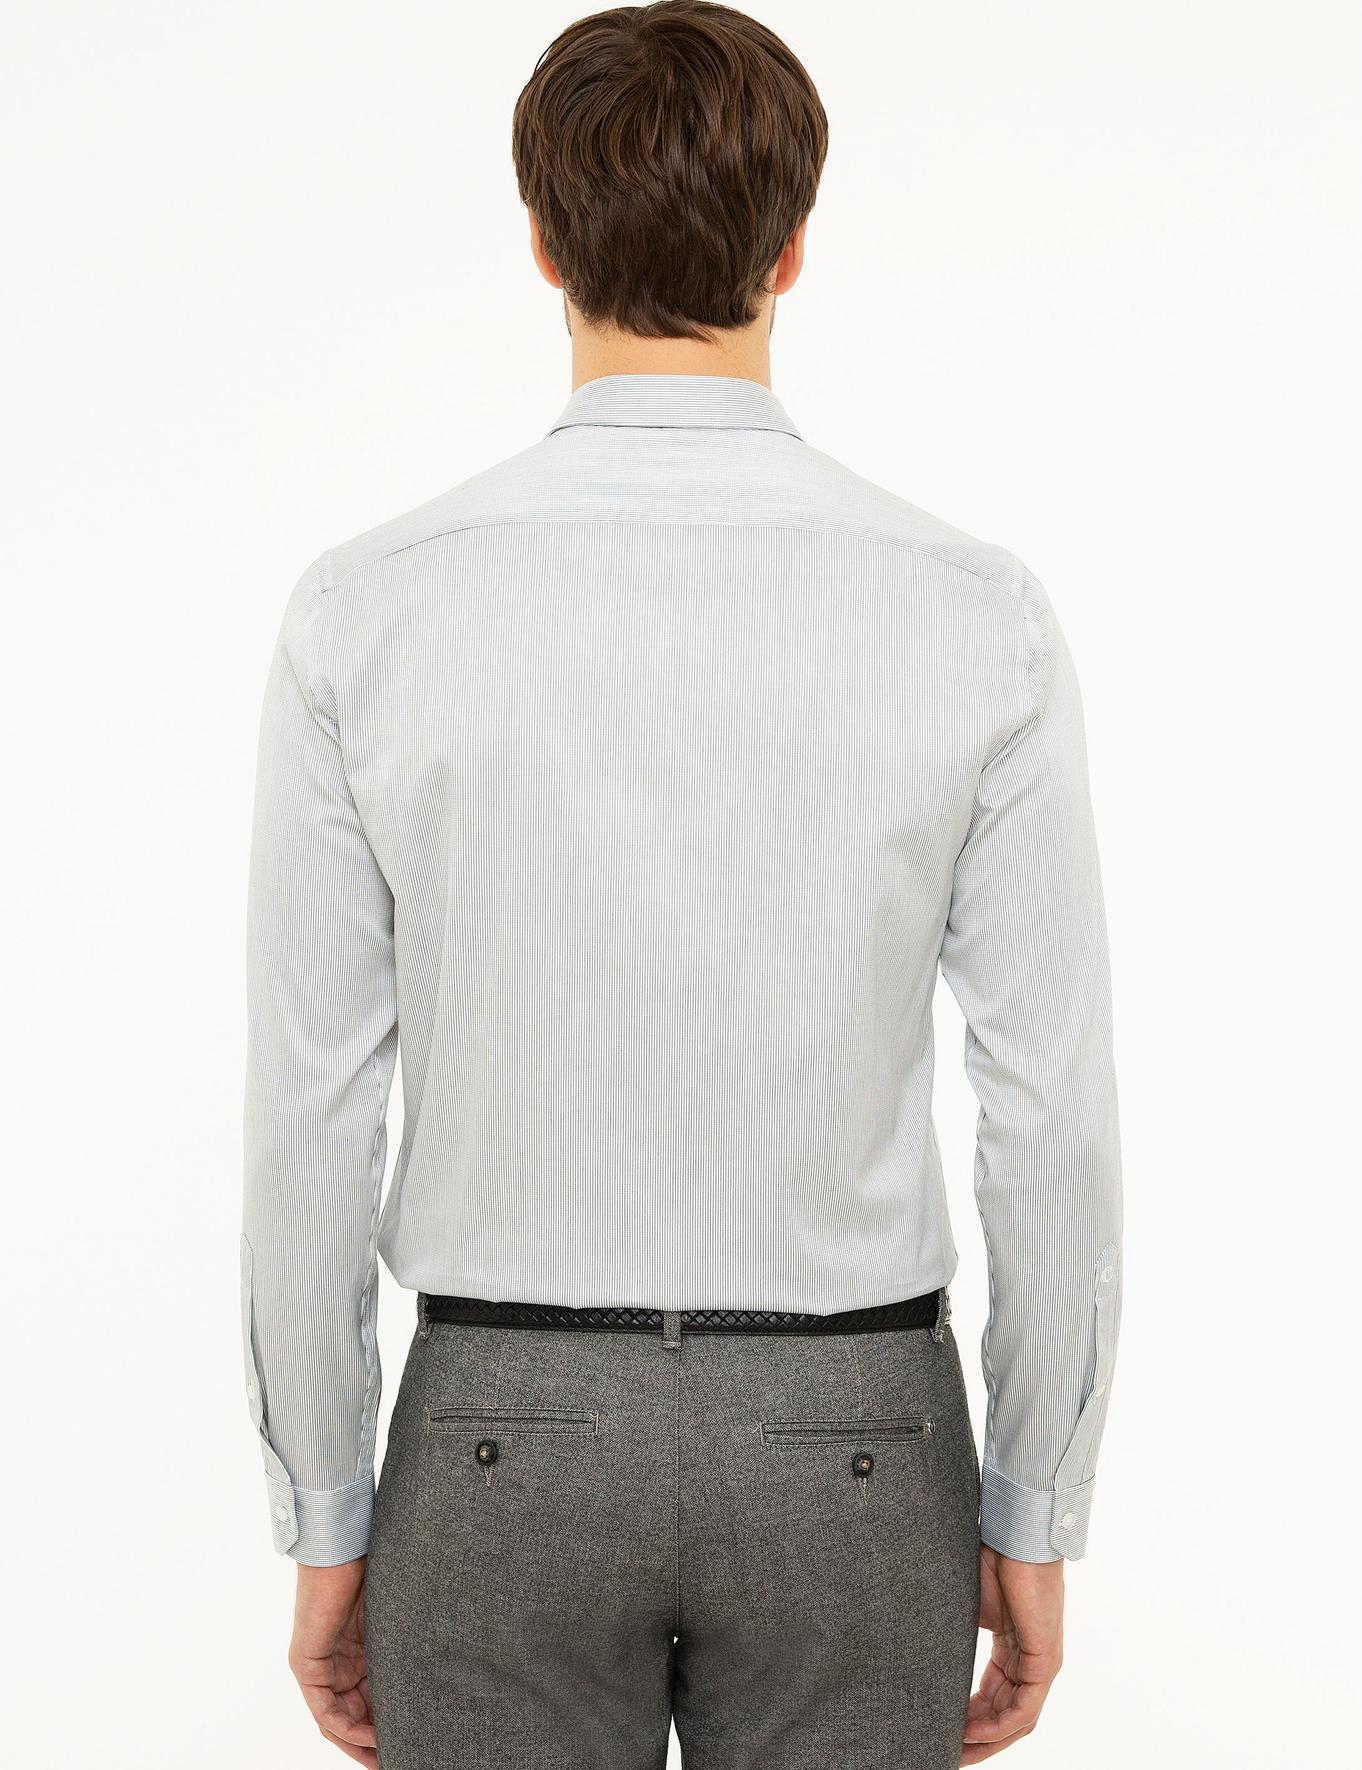 Siyah Slim Fit Gömlek - 50218141004